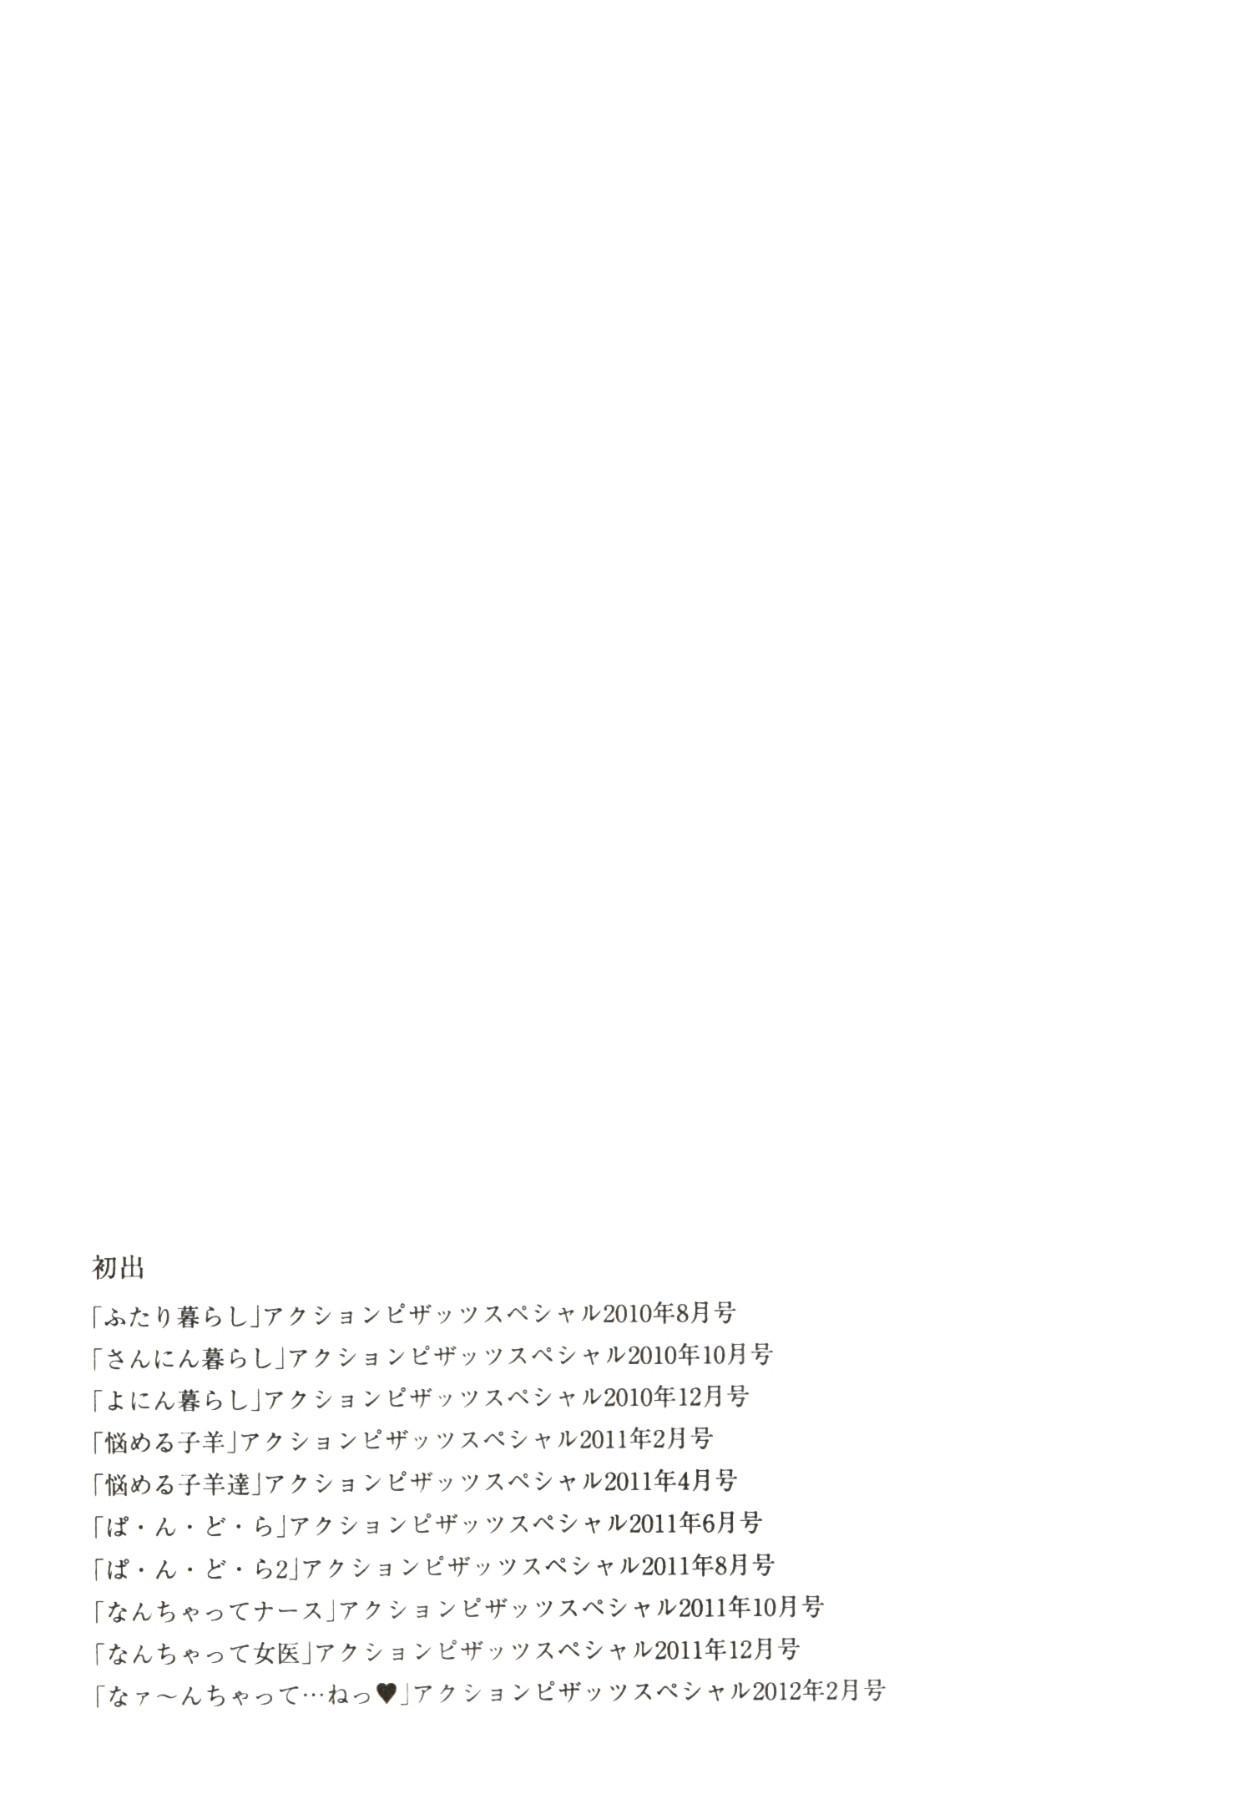 Futarigurashi 188